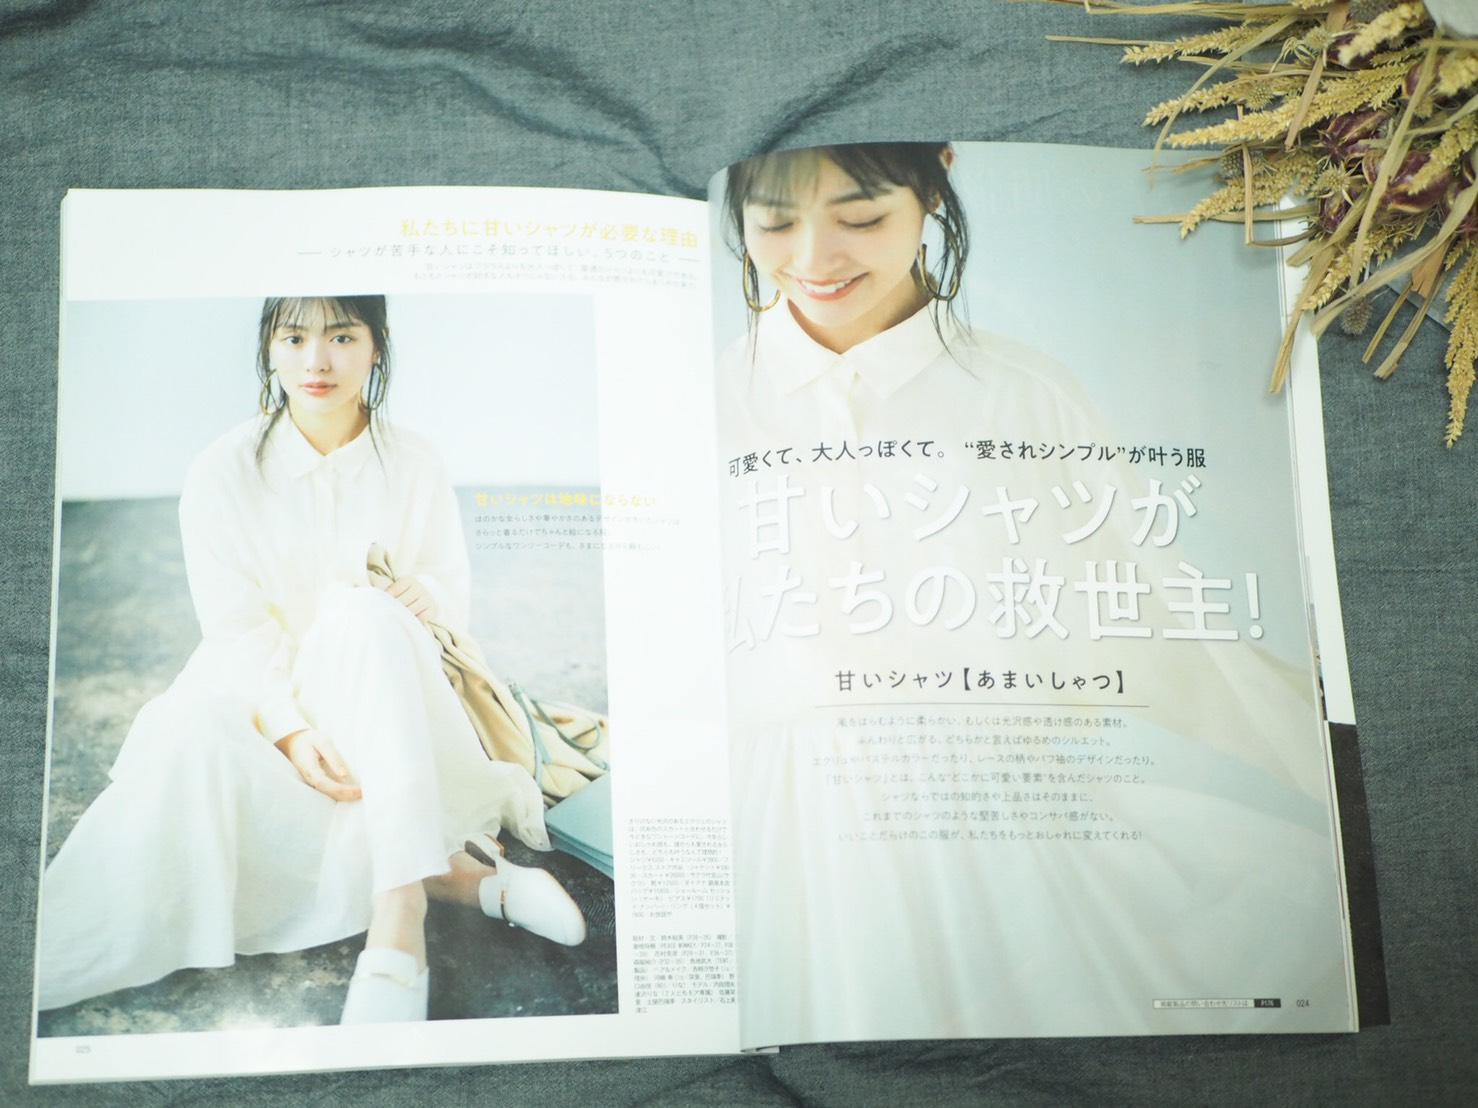 【最新号】MOREロスにならぬようGETすべし❁本日発売の6・7月合併号!_2